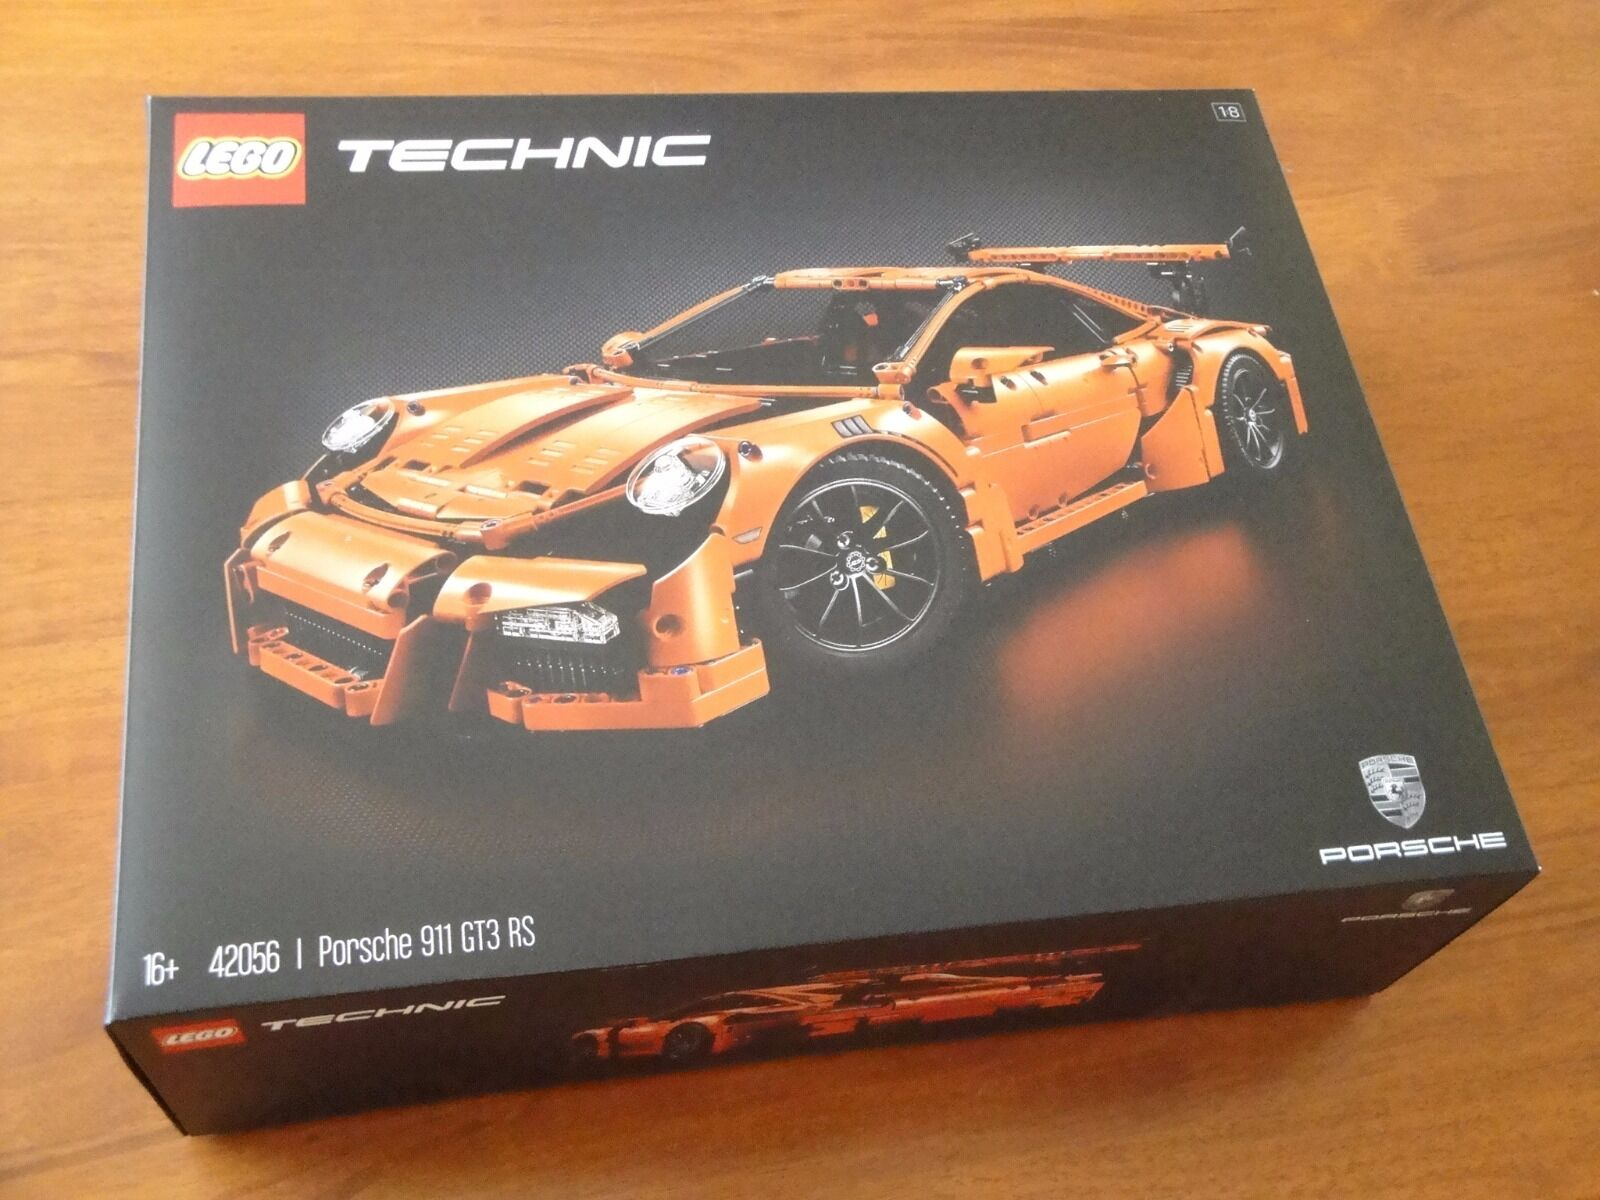 LEGO TECHNIC 42056 PORSCHE 911 GT3 RS EXCLUSIVE, NUOVA DISPONIBILE, CON OMAGGIO